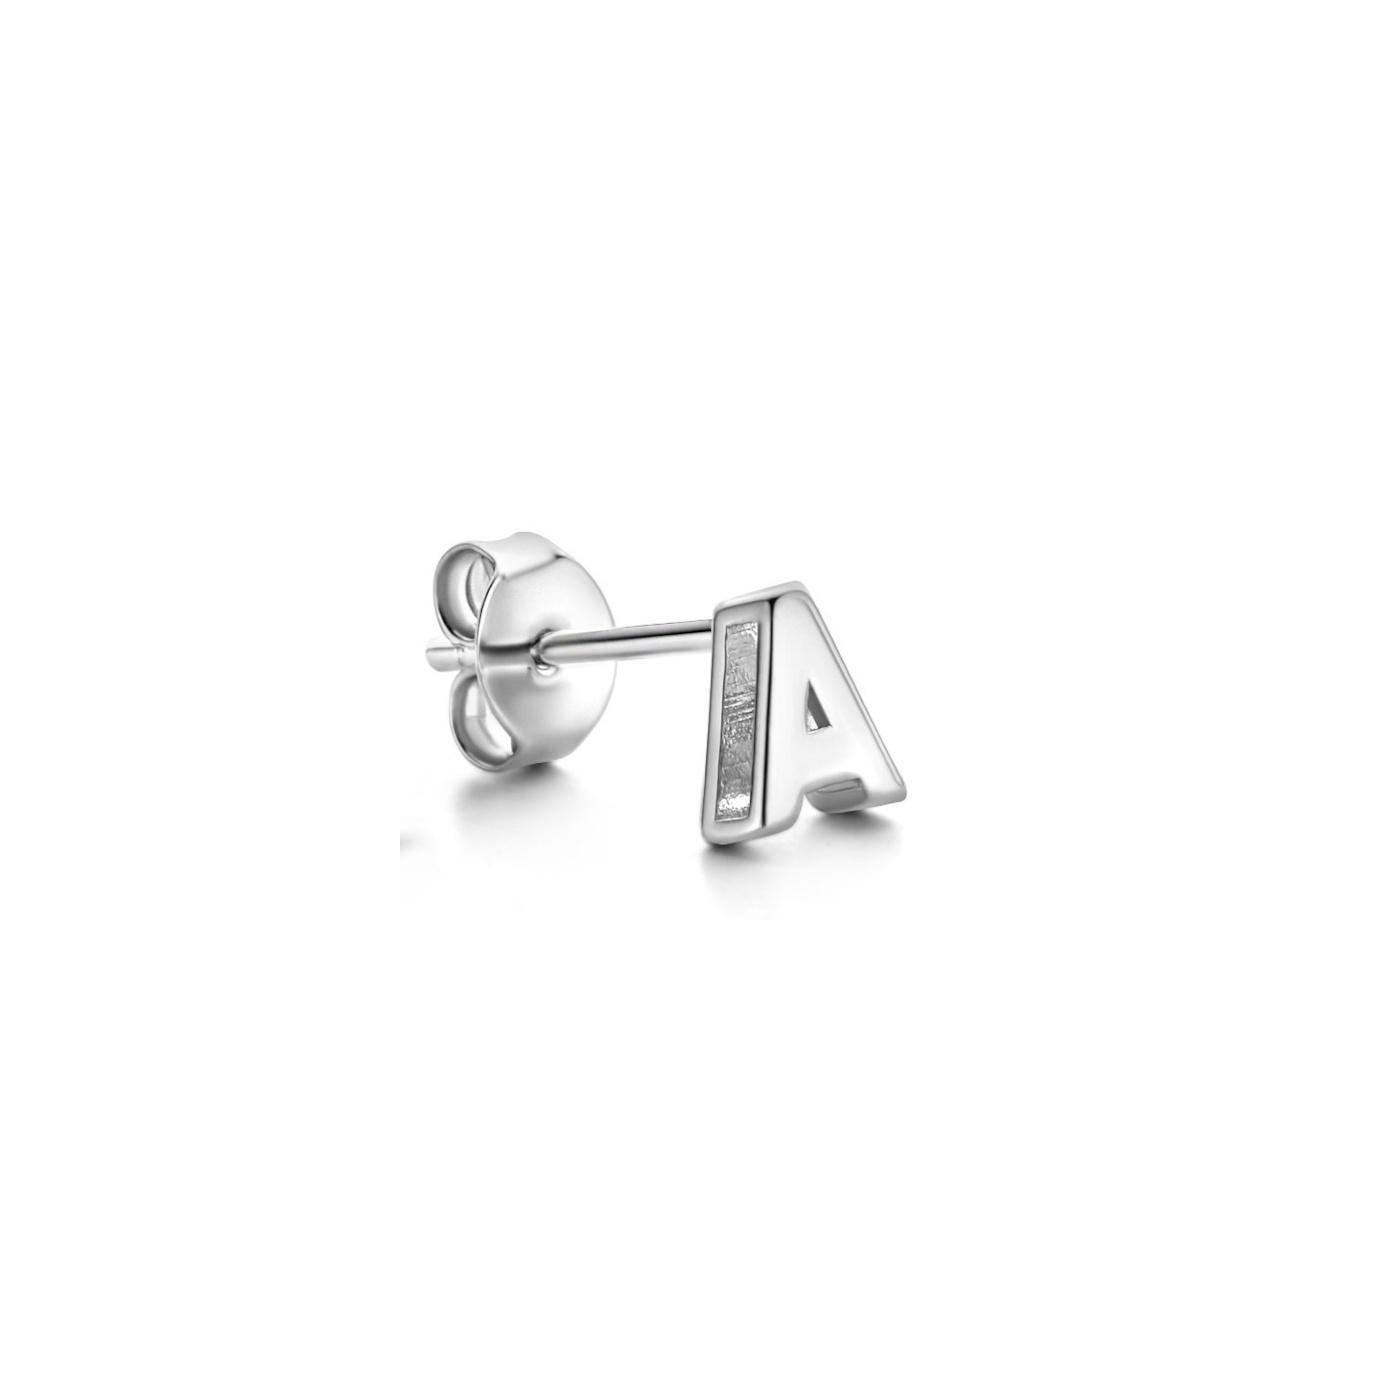 Selected Jewels Julie Chloé boucle d'oreille unique initiale en argent sterling 925